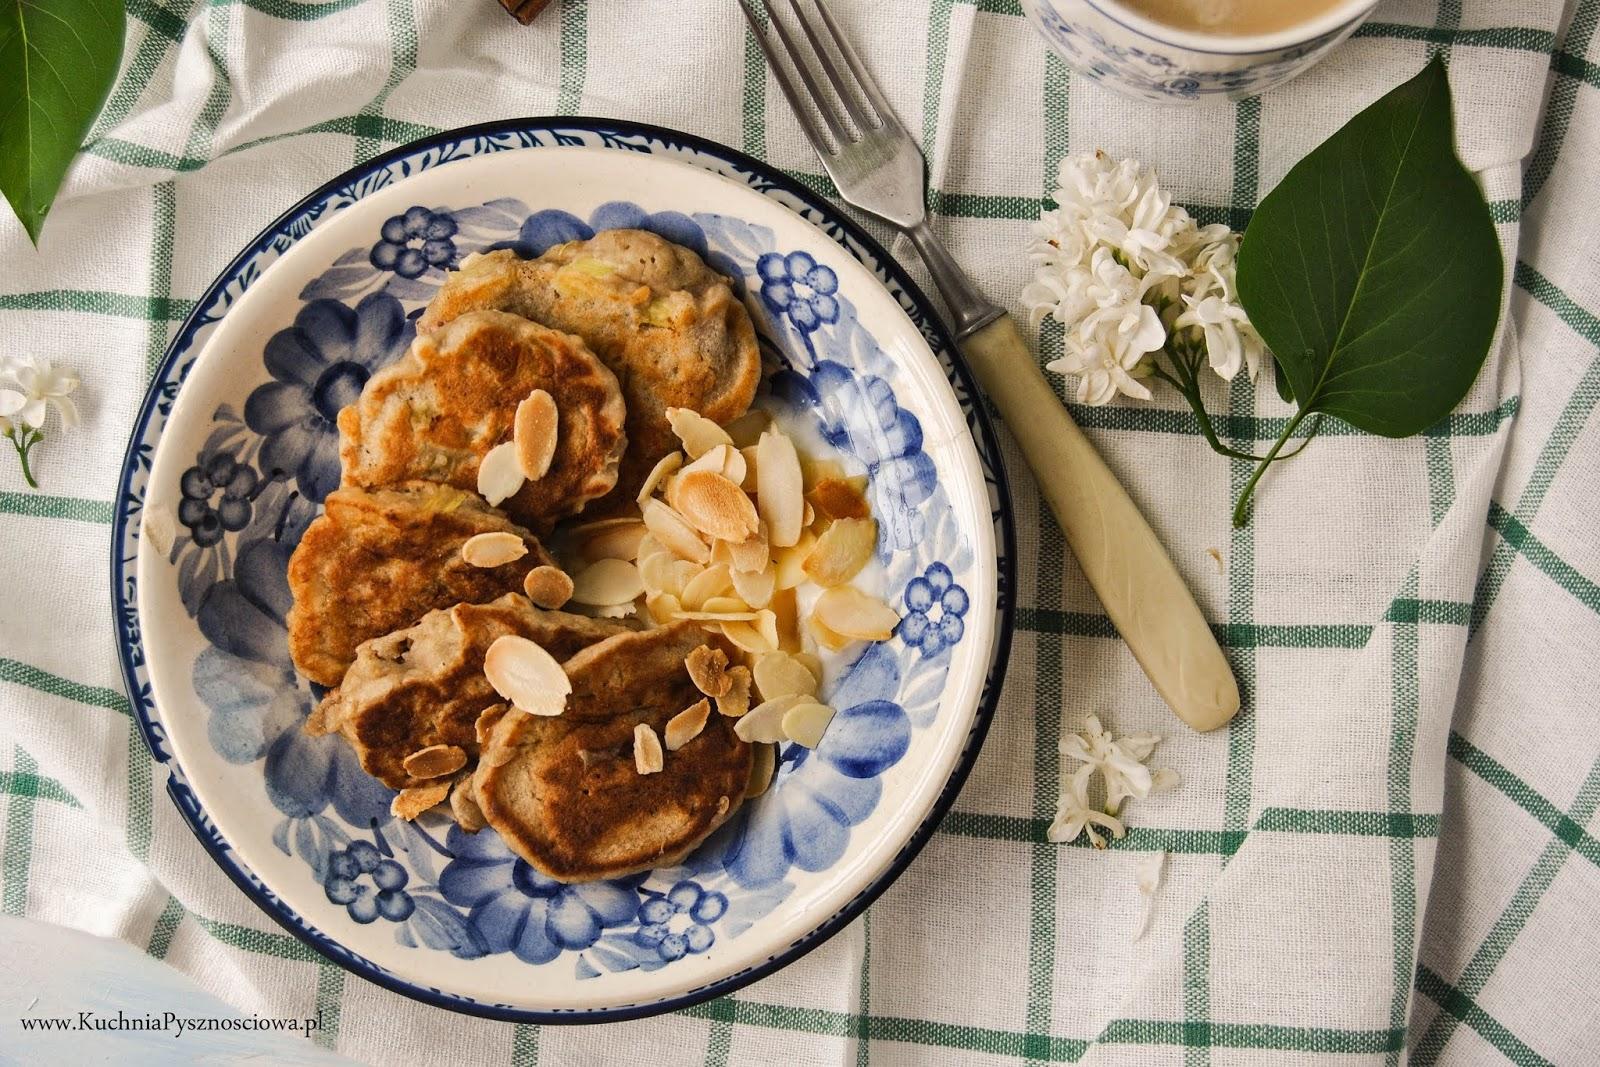 697. Wegańskie placuszki bananowe z rabarbarem